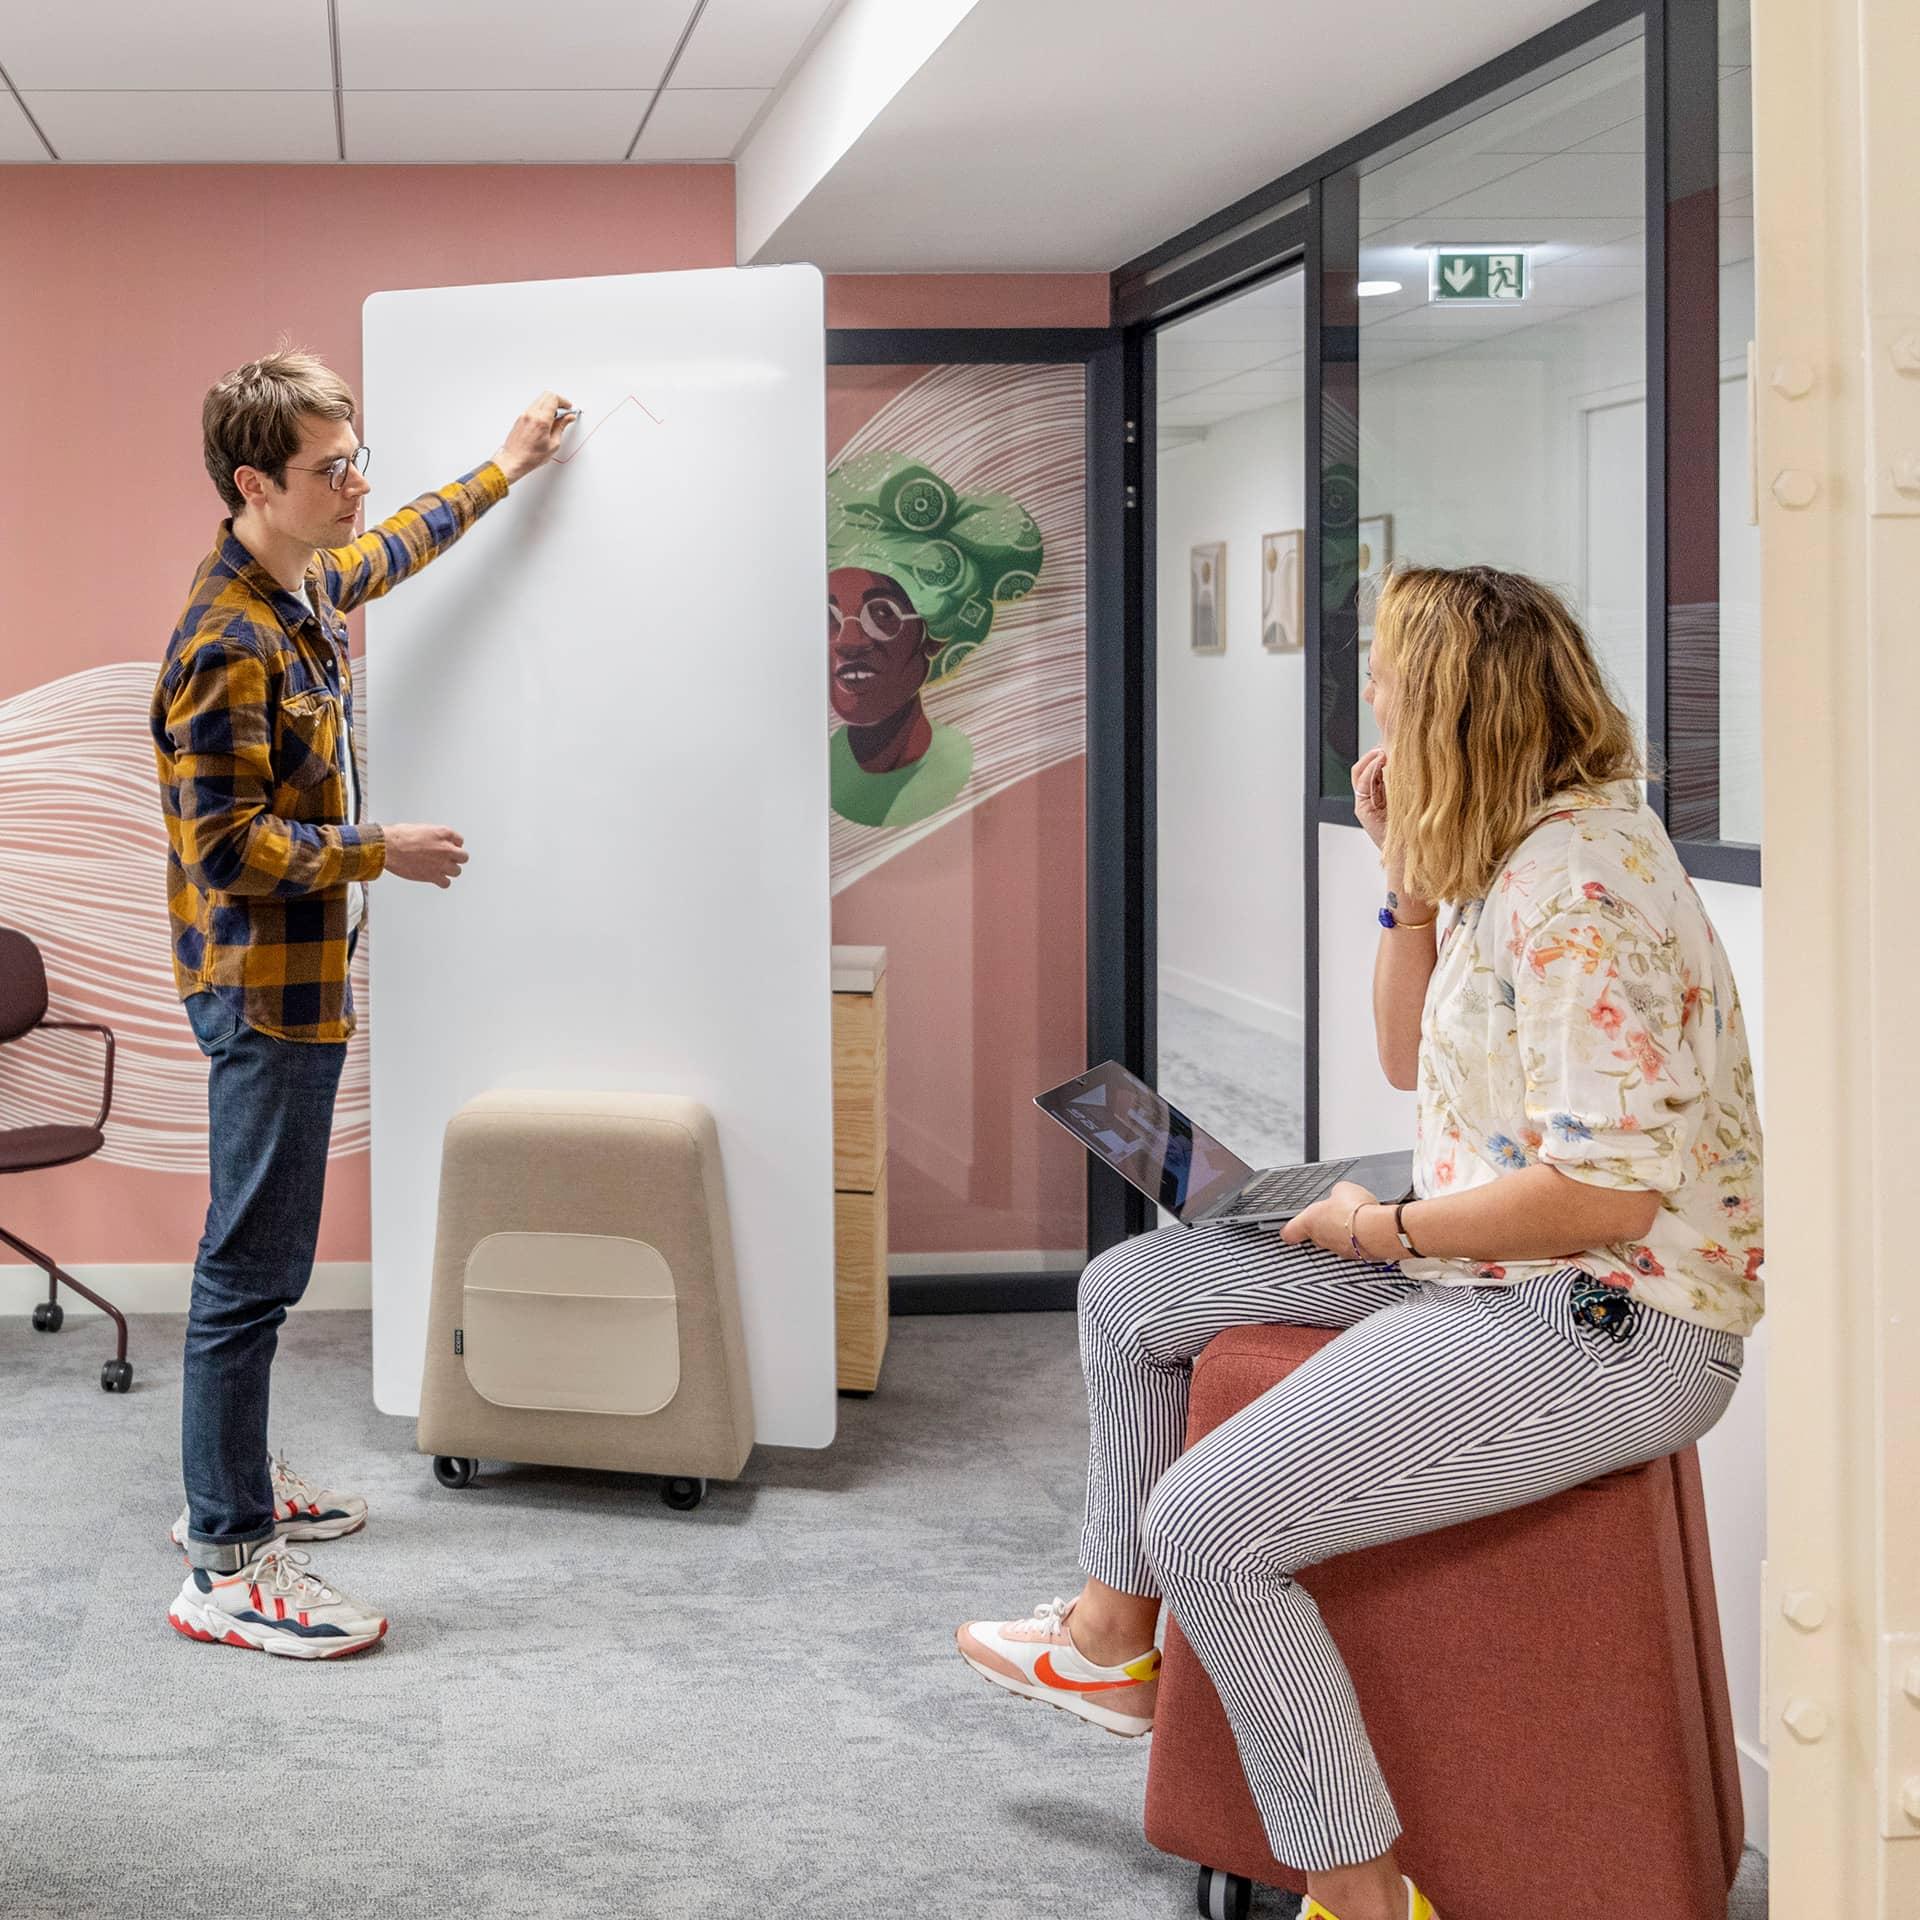 Le Centre d'Accélération Digitale situé à deux pas de la gare Saint-Lazare à Paris s'étend sur deux niveaux et sur 800 m²